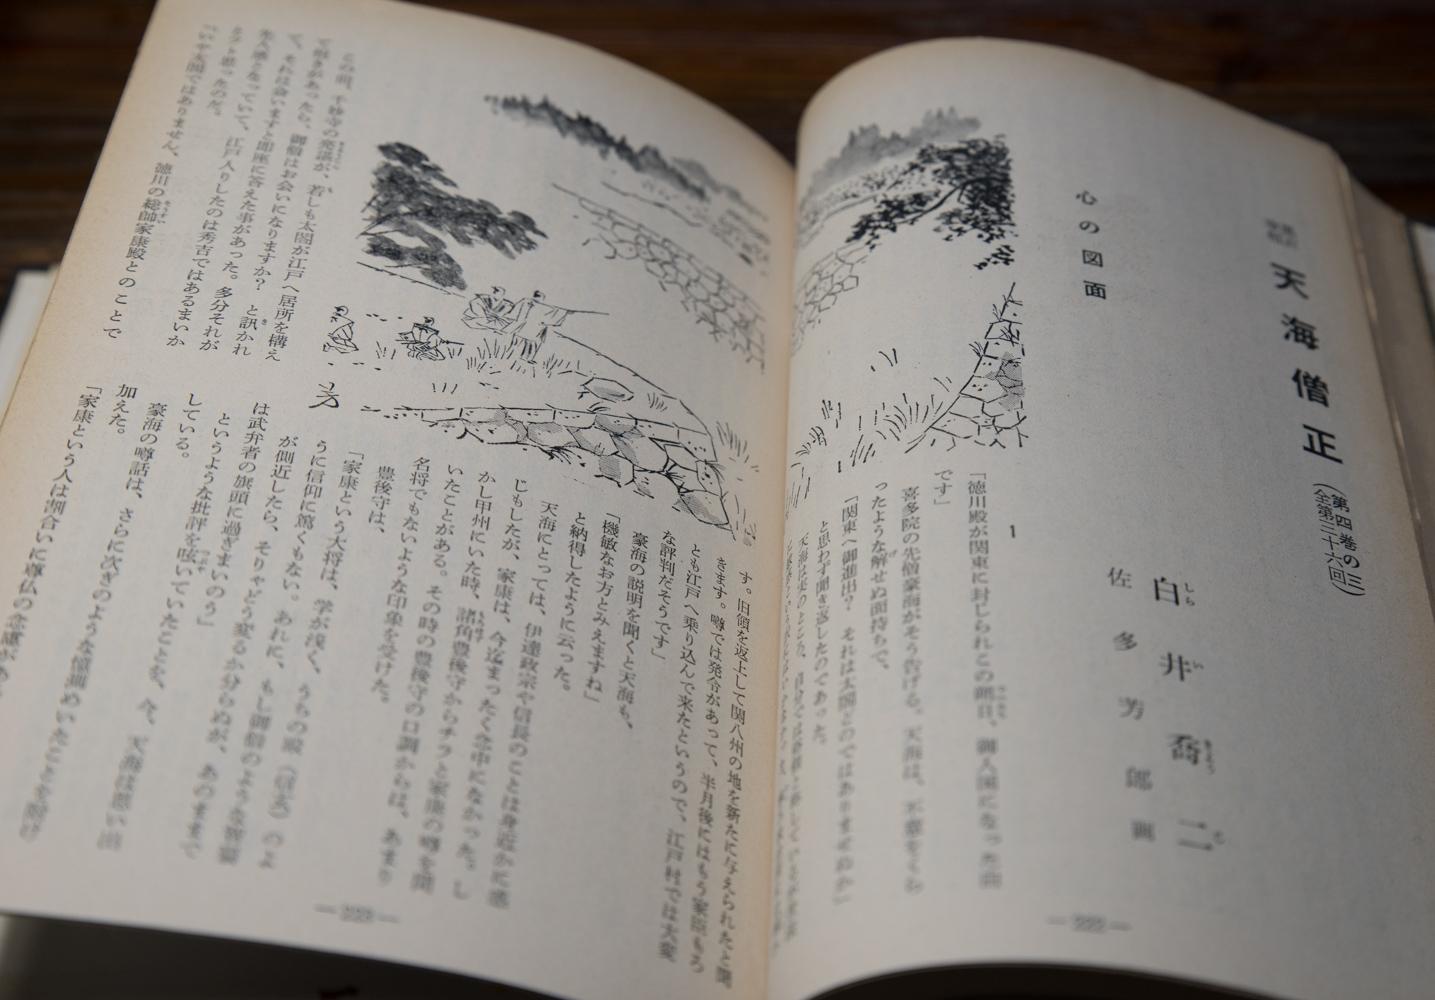 白井喬二の「黒衣宰相 天海僧正」(5)(完読)